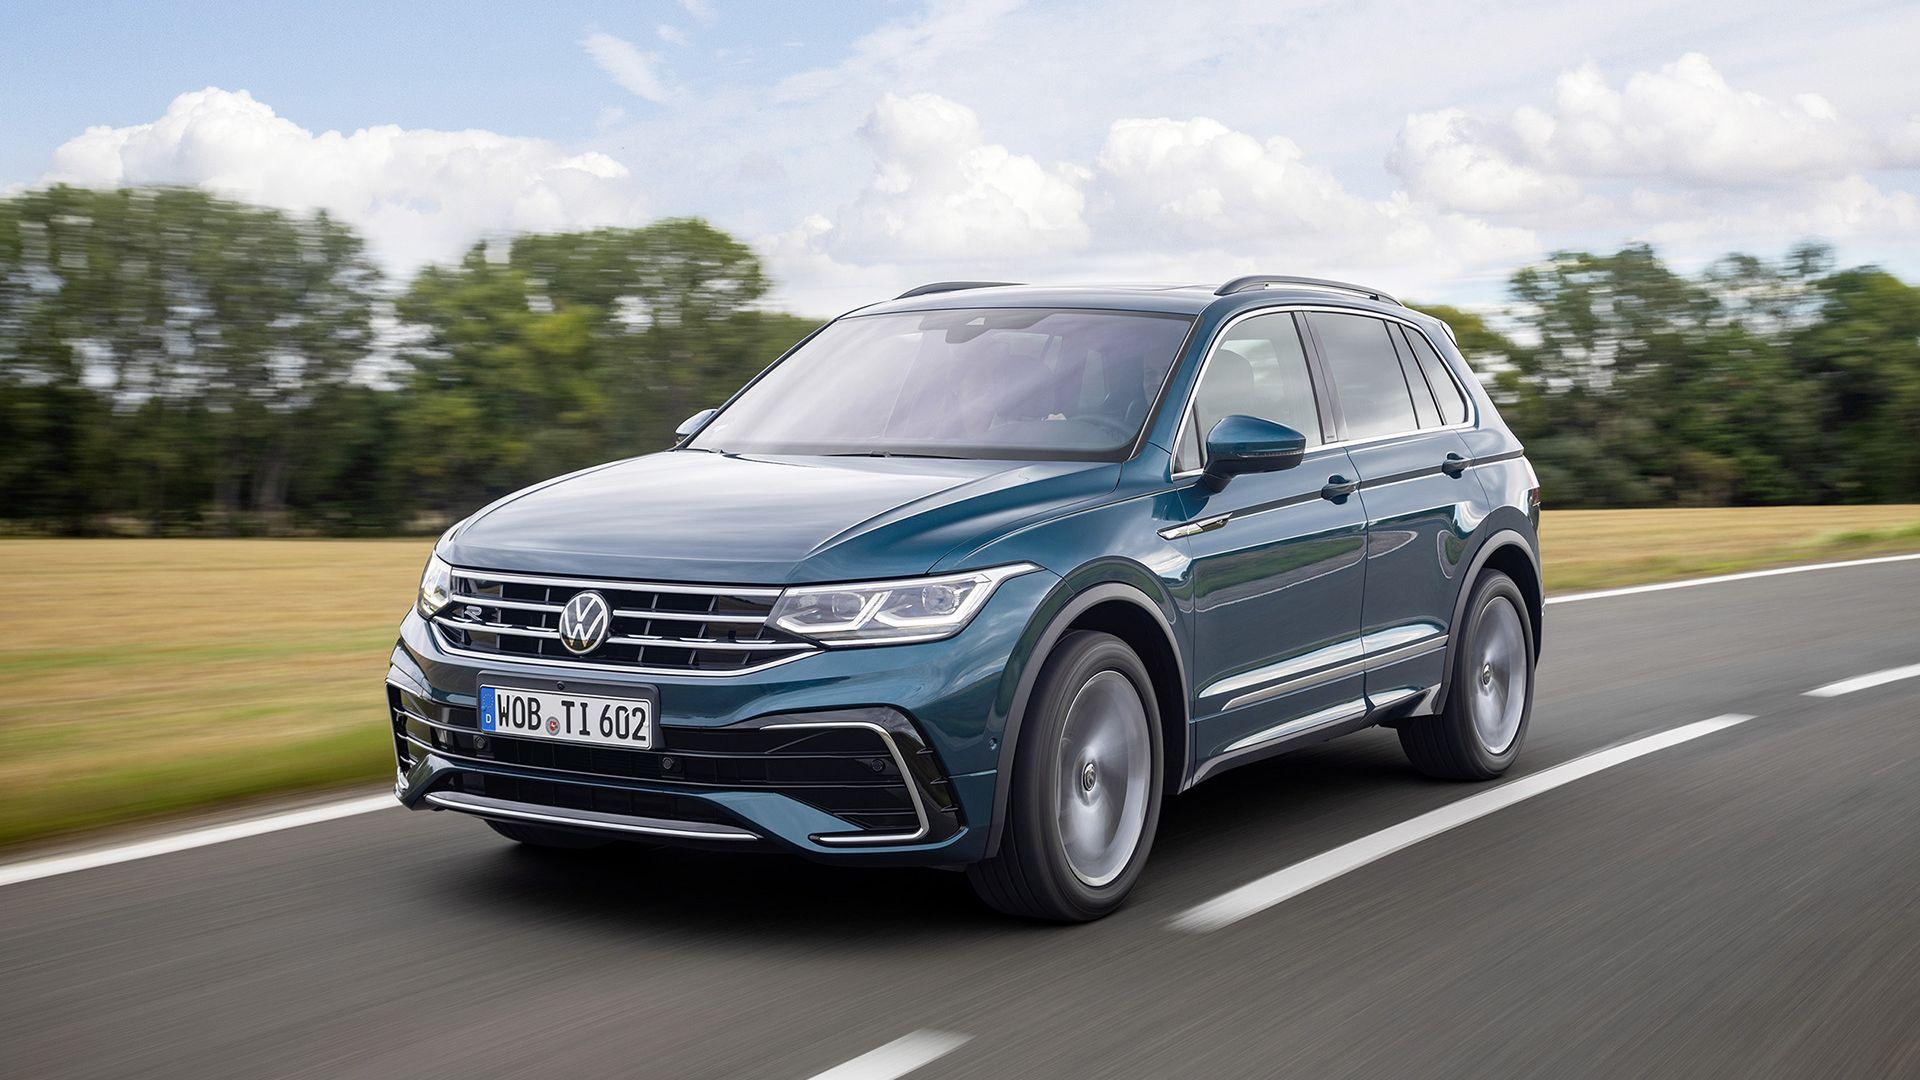 Στην Ελλάδα το ανανεωμένο VW Tiguan – Αναλυτικός τιμοκατάλογος